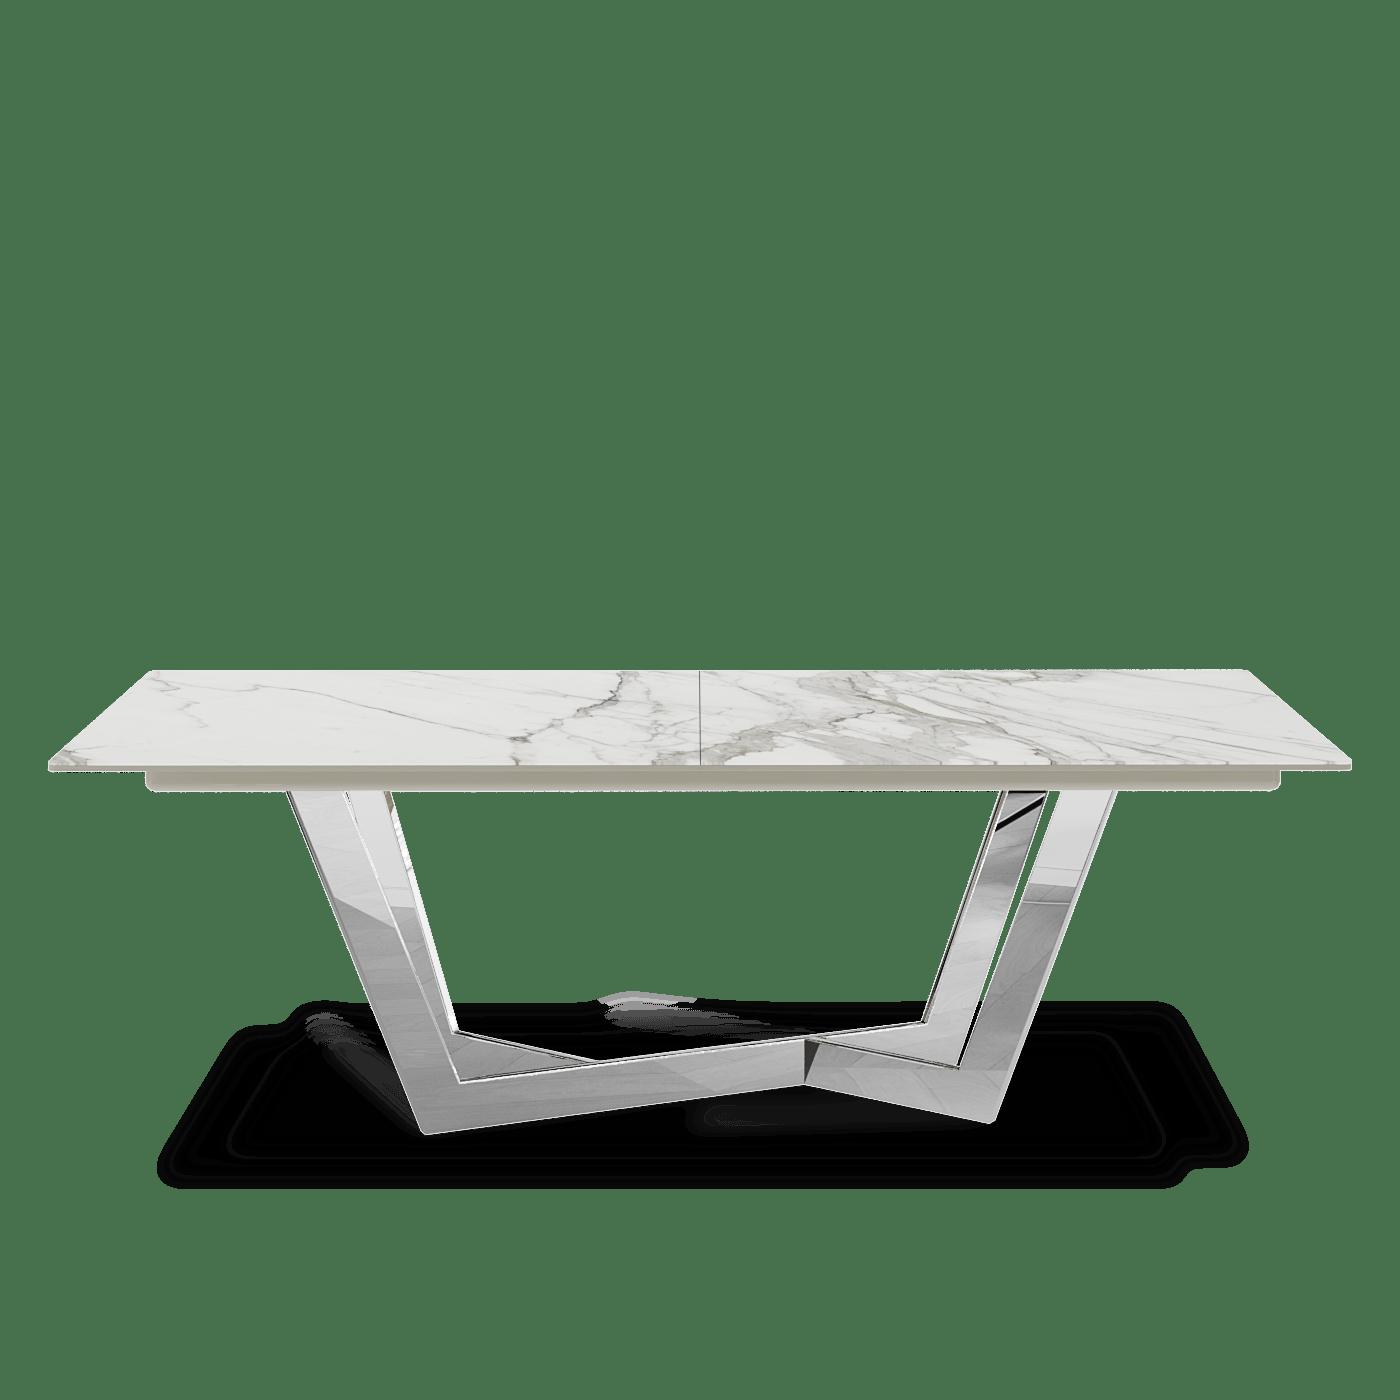 mesa de jantar luvo